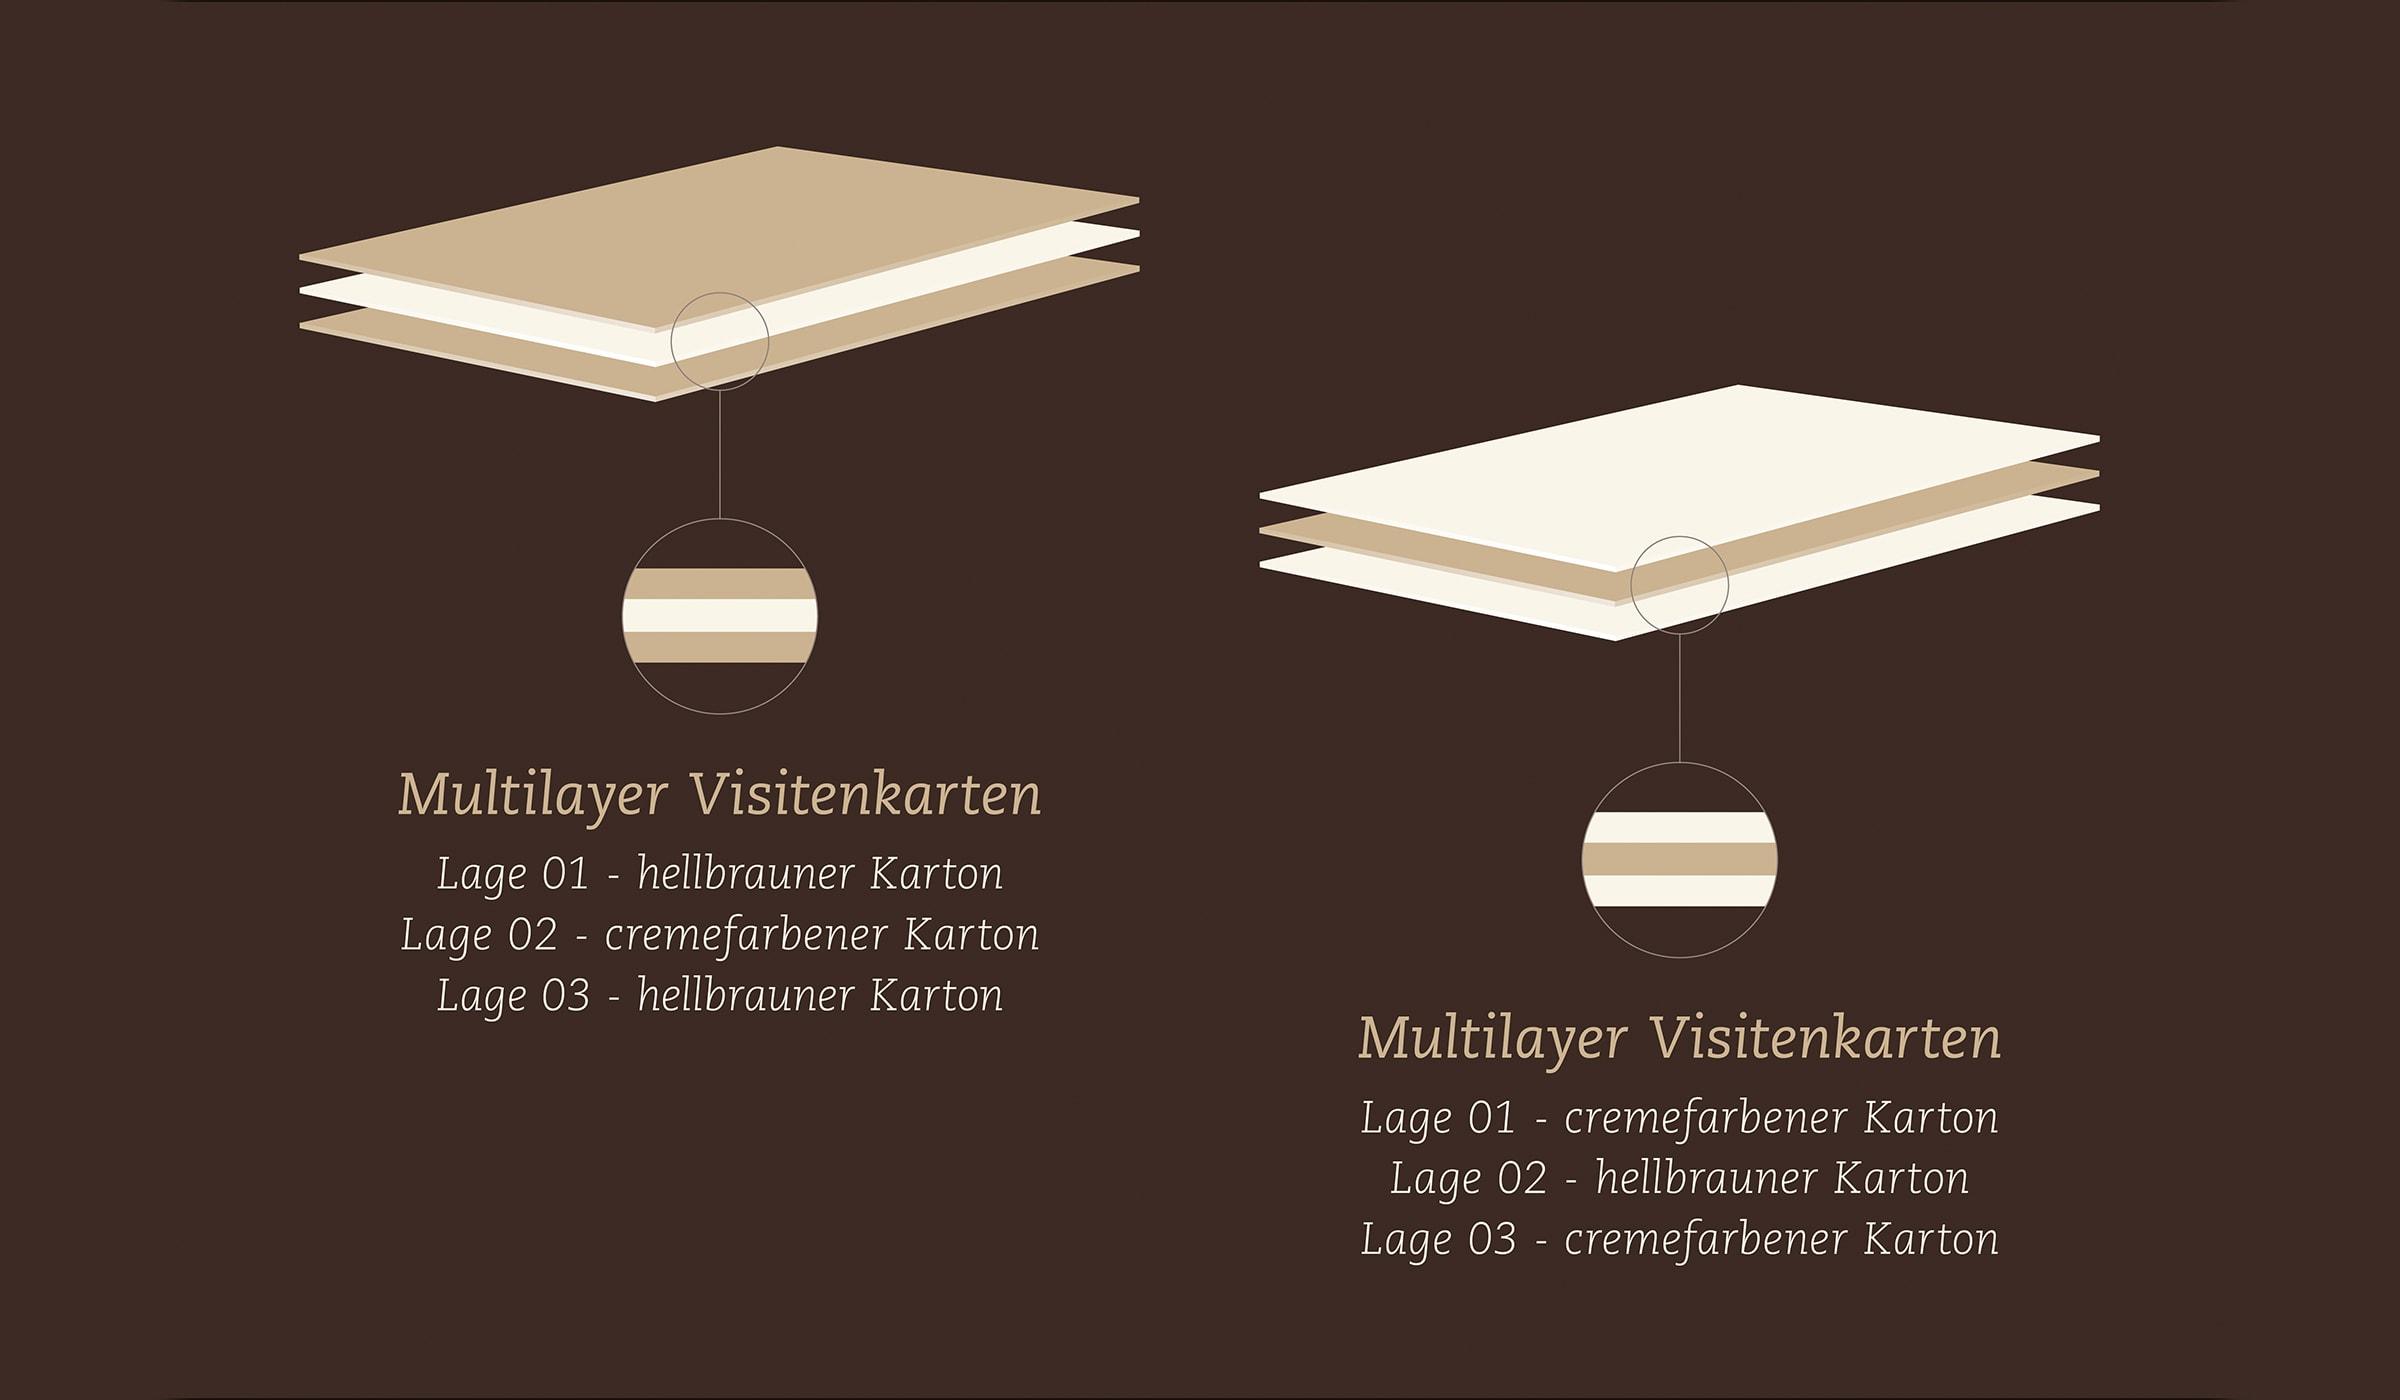 Konzeptarbeit ~ Corporate Design ~ Visitenkarten/ Multilayer Visitenkarten/ M&M Schreinerei Hermeskeil/ Branding/ Brand Design/ KERSTIN MICHELS – DESIGN/ Designagentur/ Werbeagentur/ Grafikdesign/ Kommunikationsdesign/ Hochwald/ Trier/ Rheinland-Pfalz/ Werbung/ Design